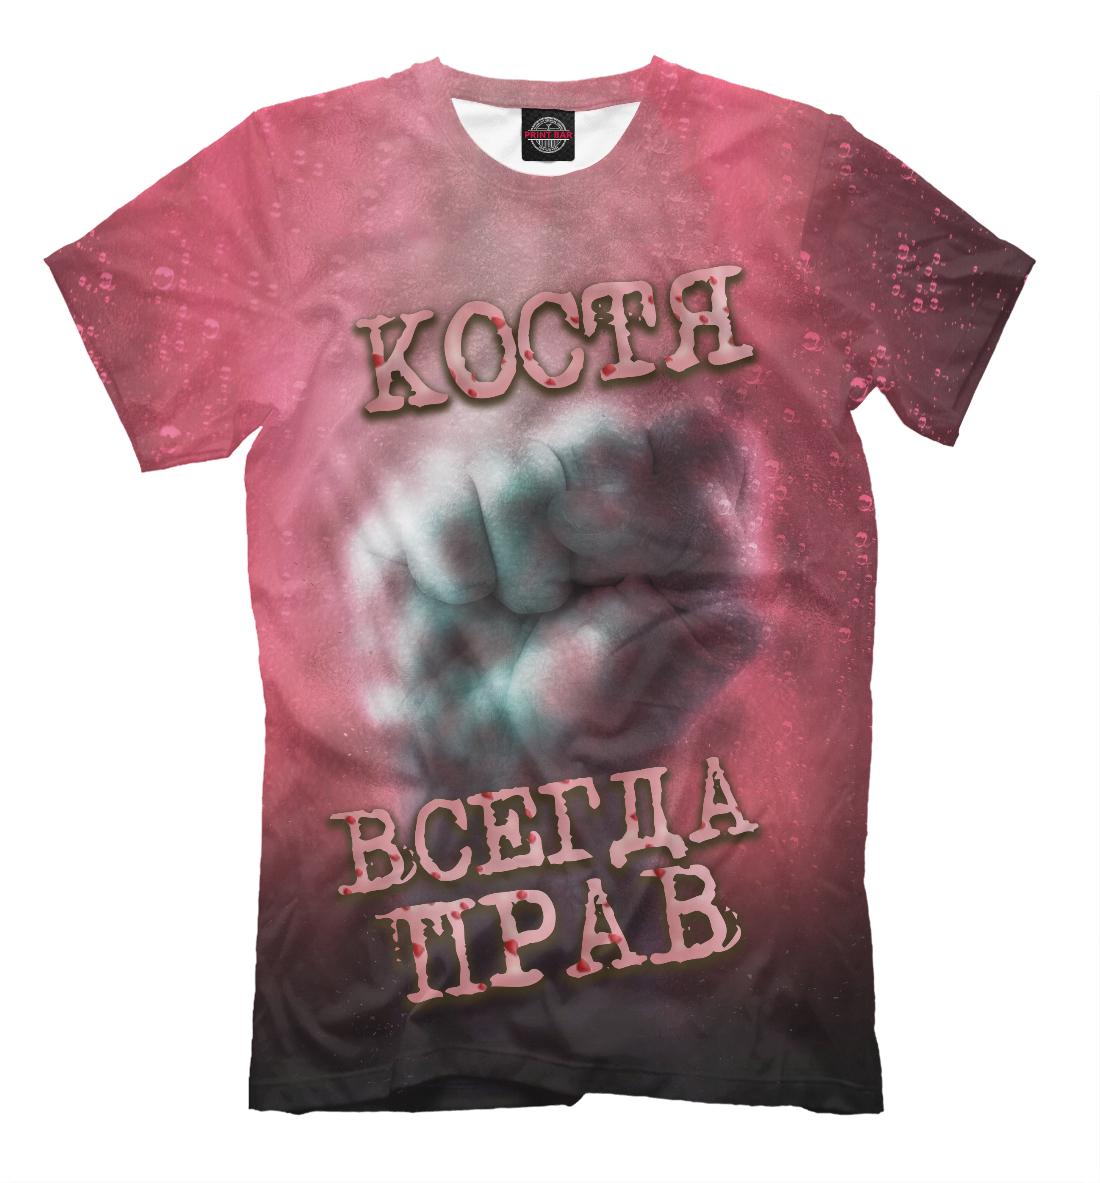 Купить Костя всегда прав, Printbar, Футболки, KST-849193-fut-2